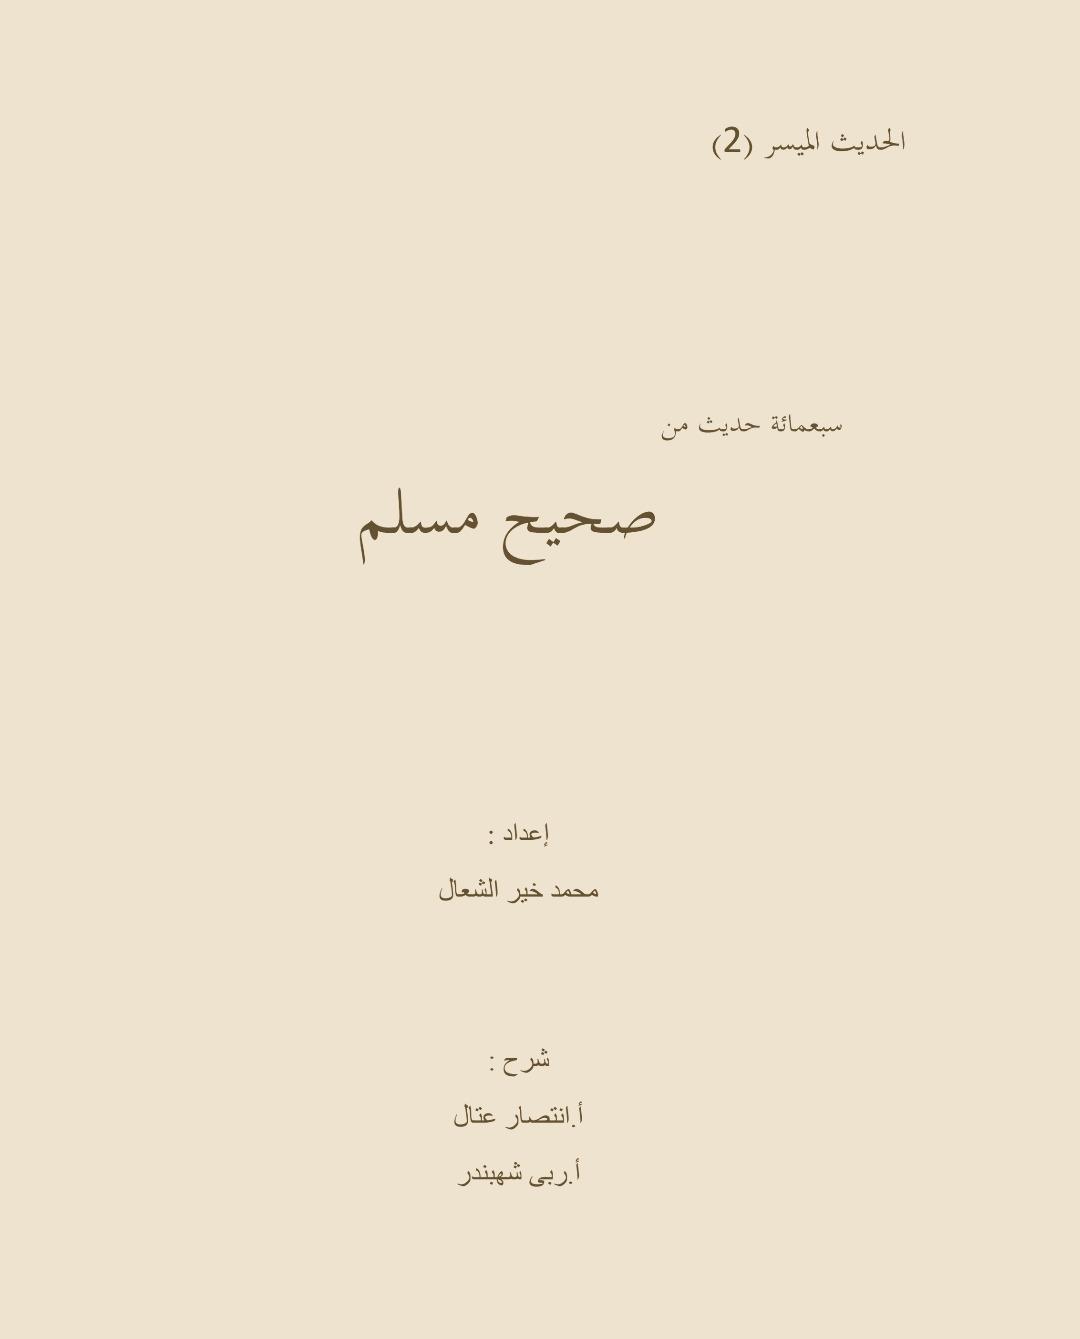 سبعمائة حديث من صحيح مسلم